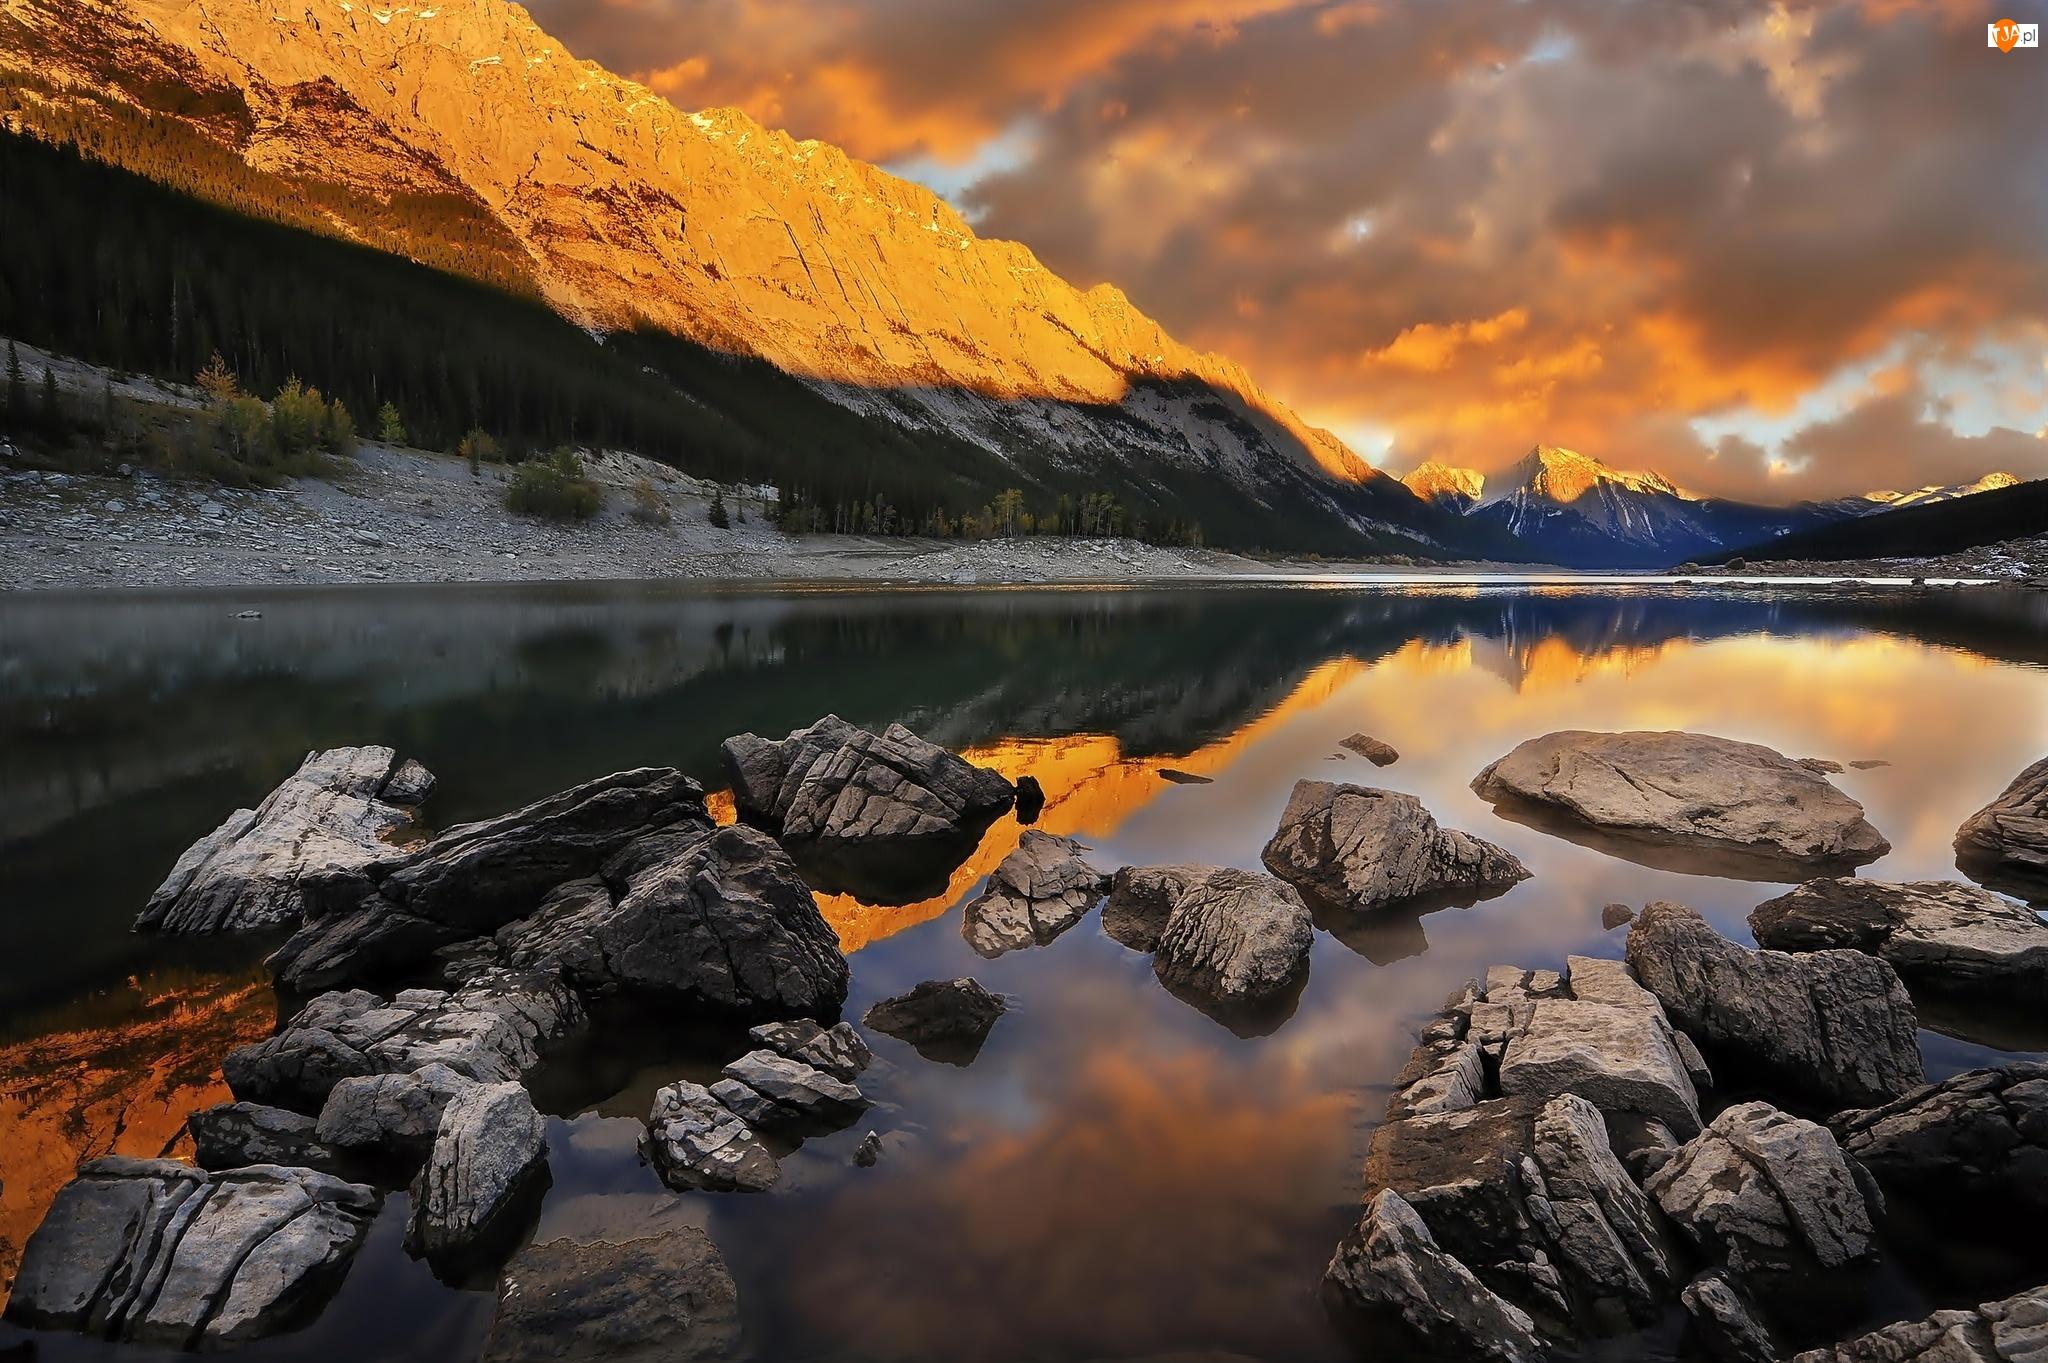 Góry, Zachód Słońca, Rzeka, Kamienie